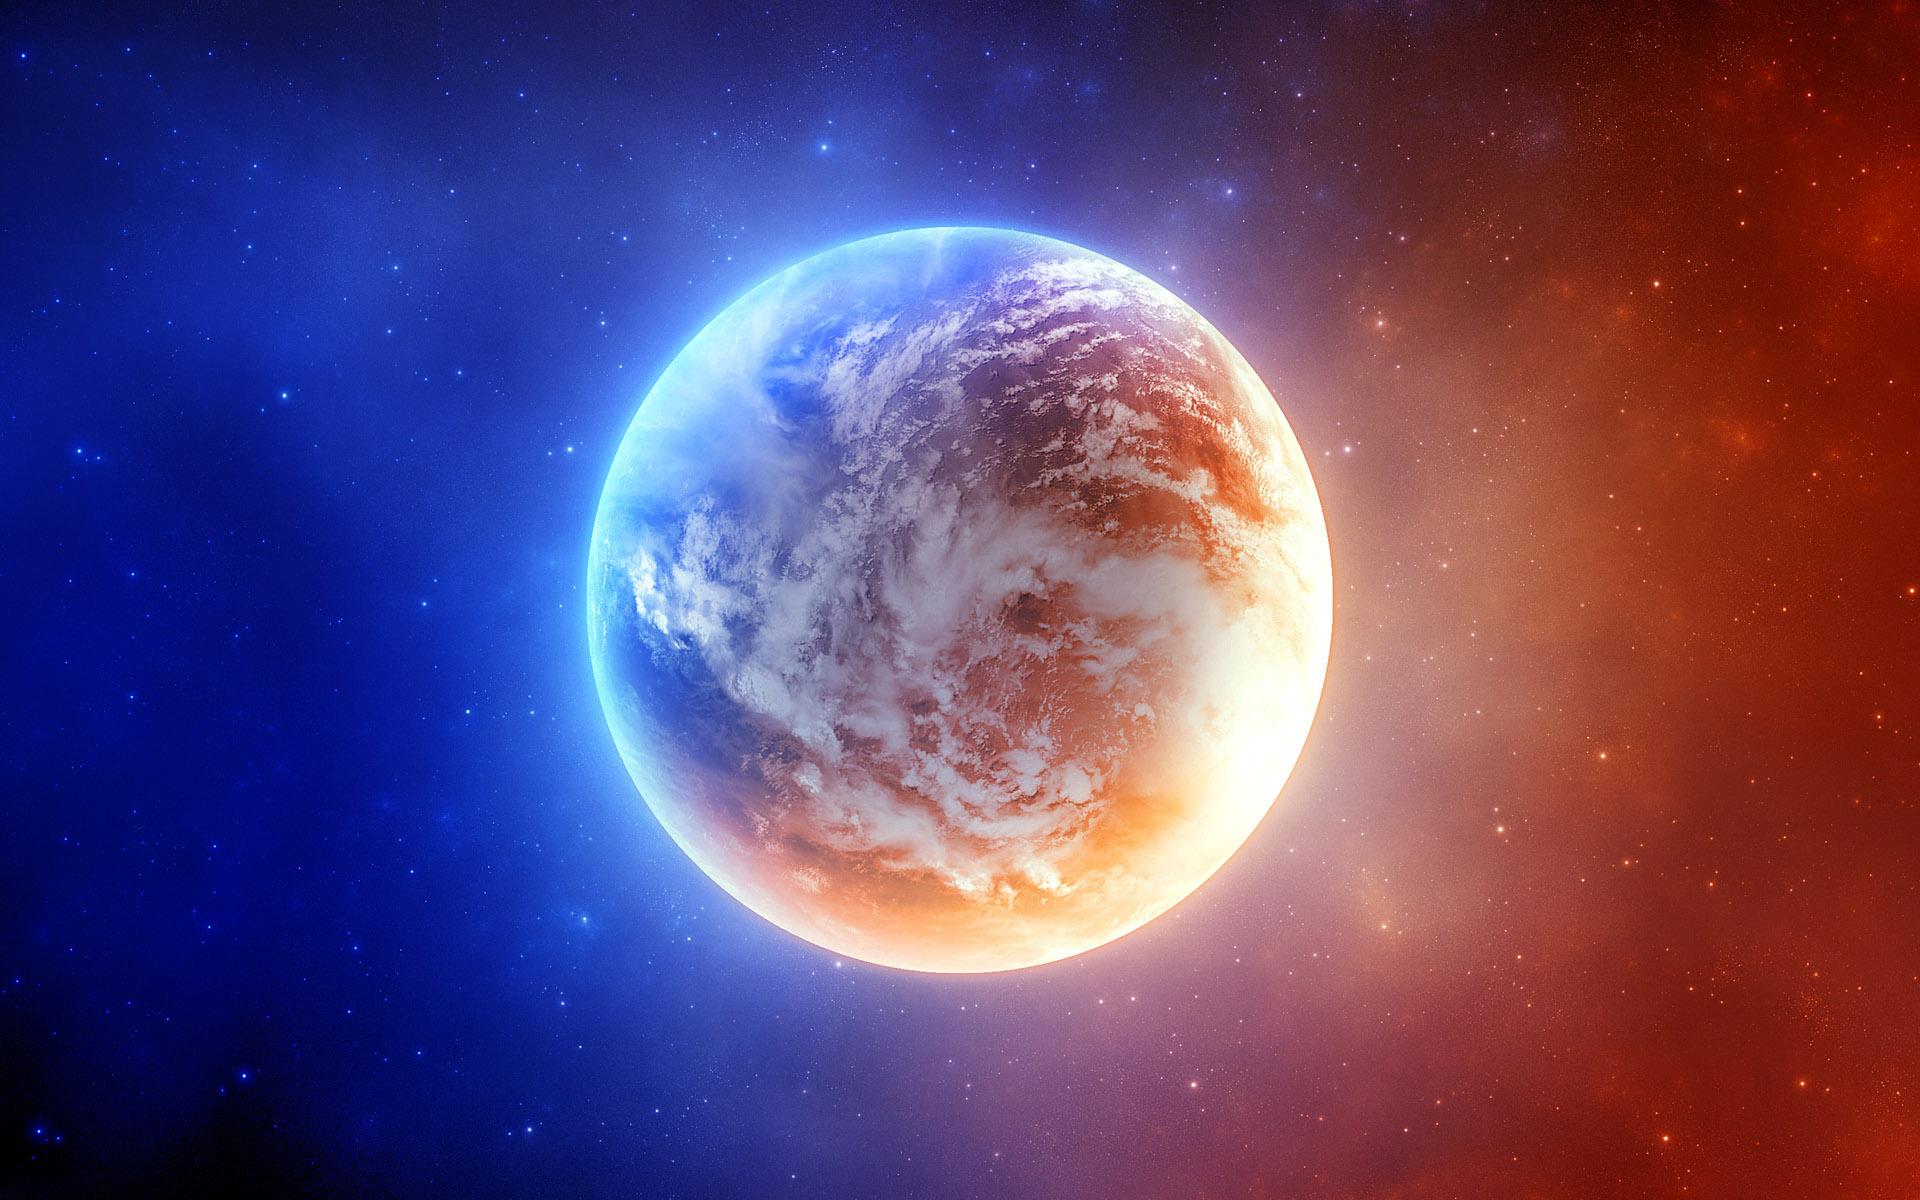 глиттер планета ностальжи картинки трогательный важный